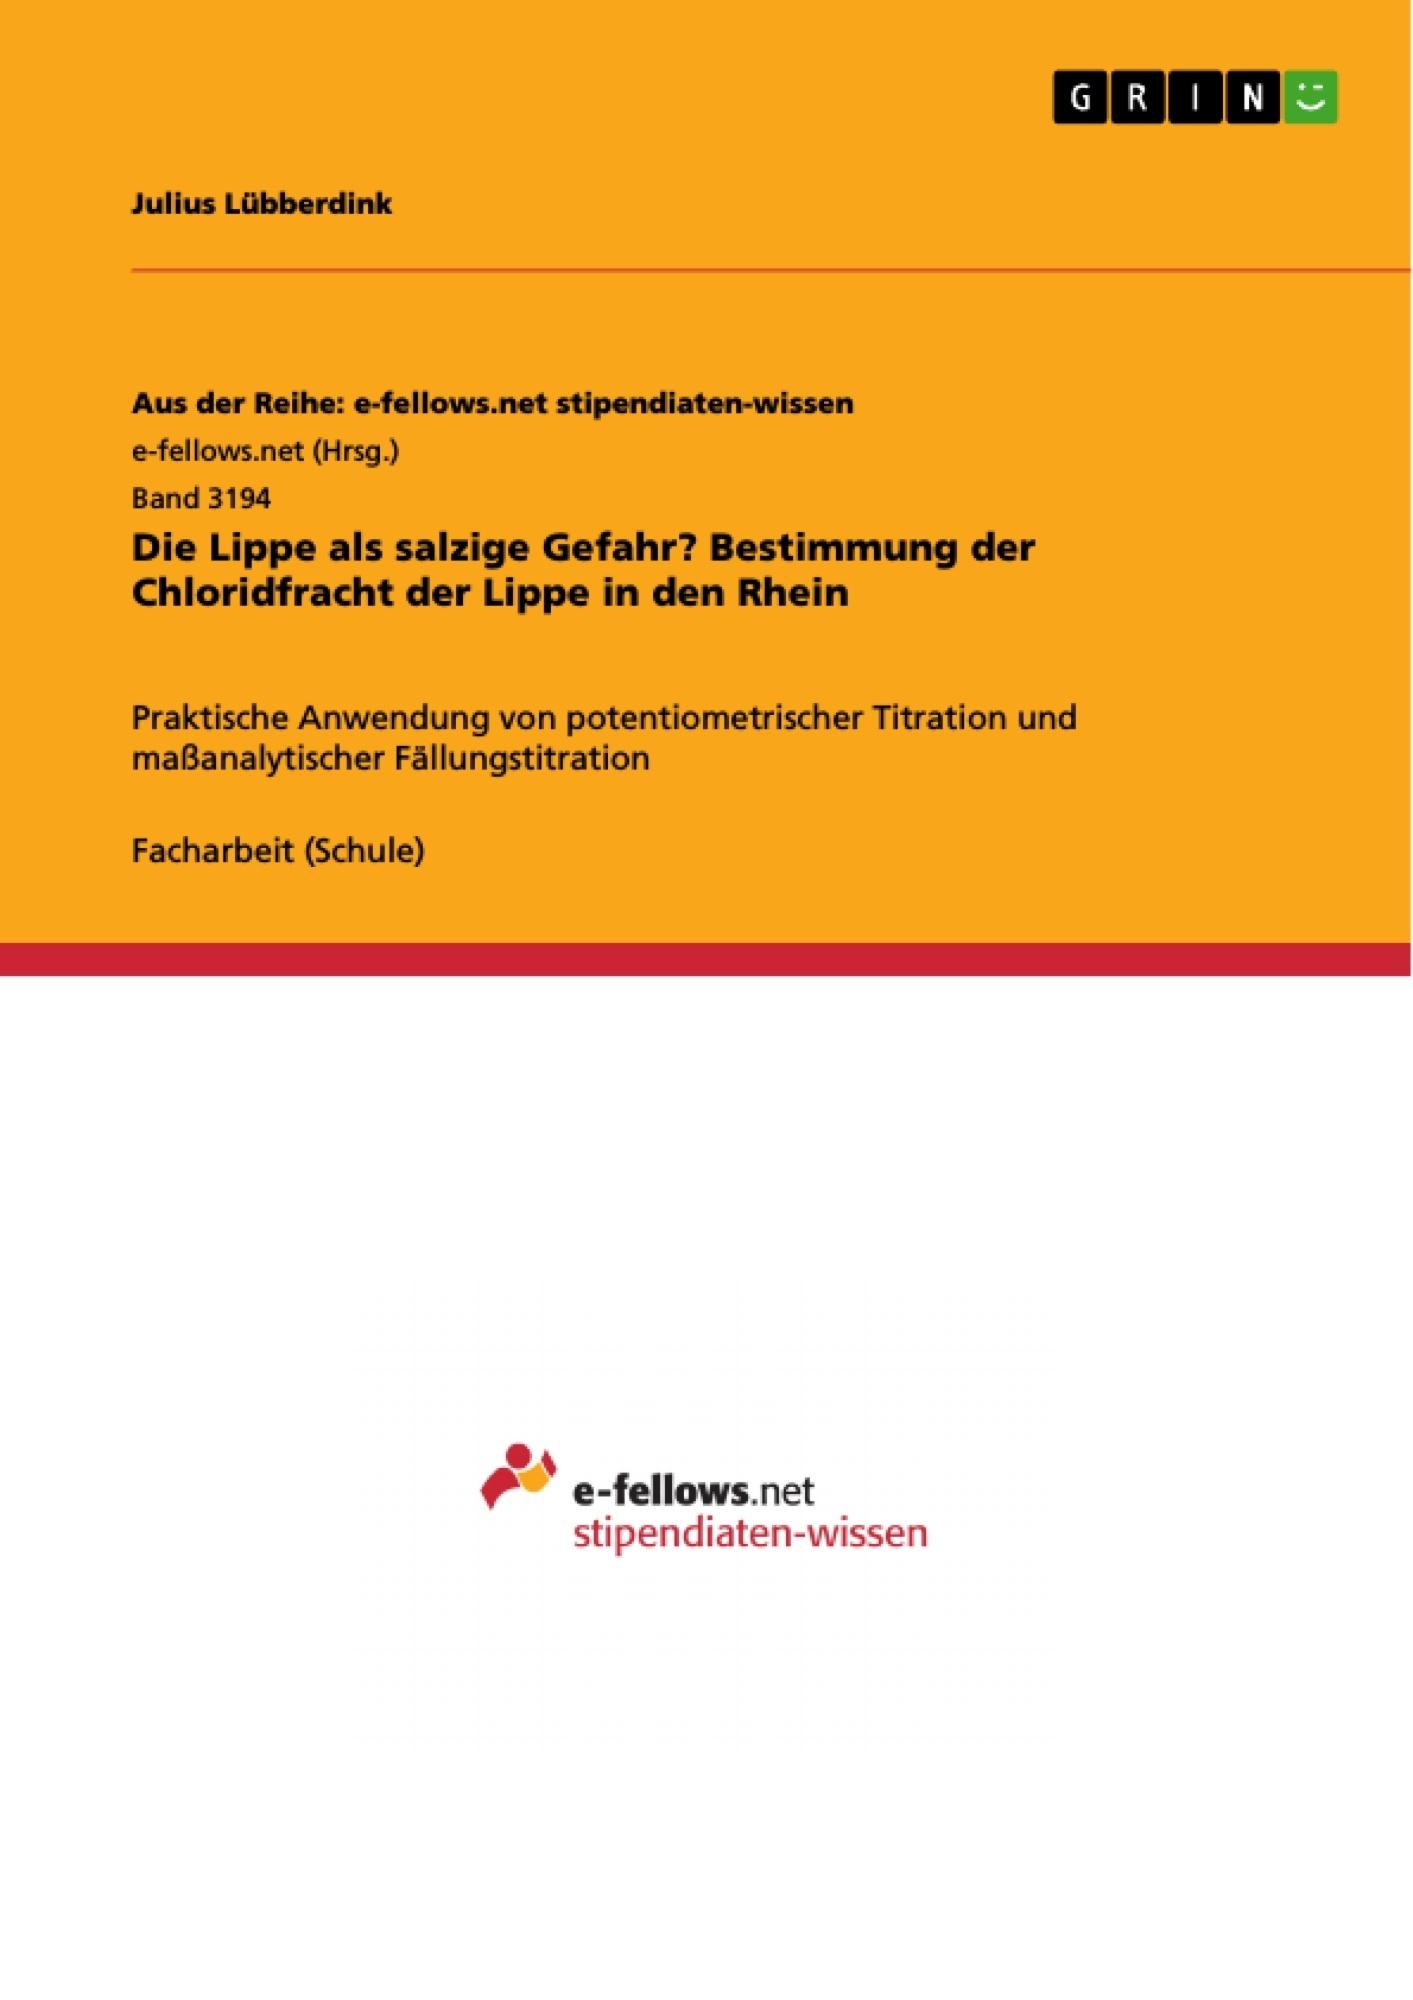 Titel: Die Lippe als salzige Gefahr? Bestimmung der Chloridfracht der Lippe in den Rhein